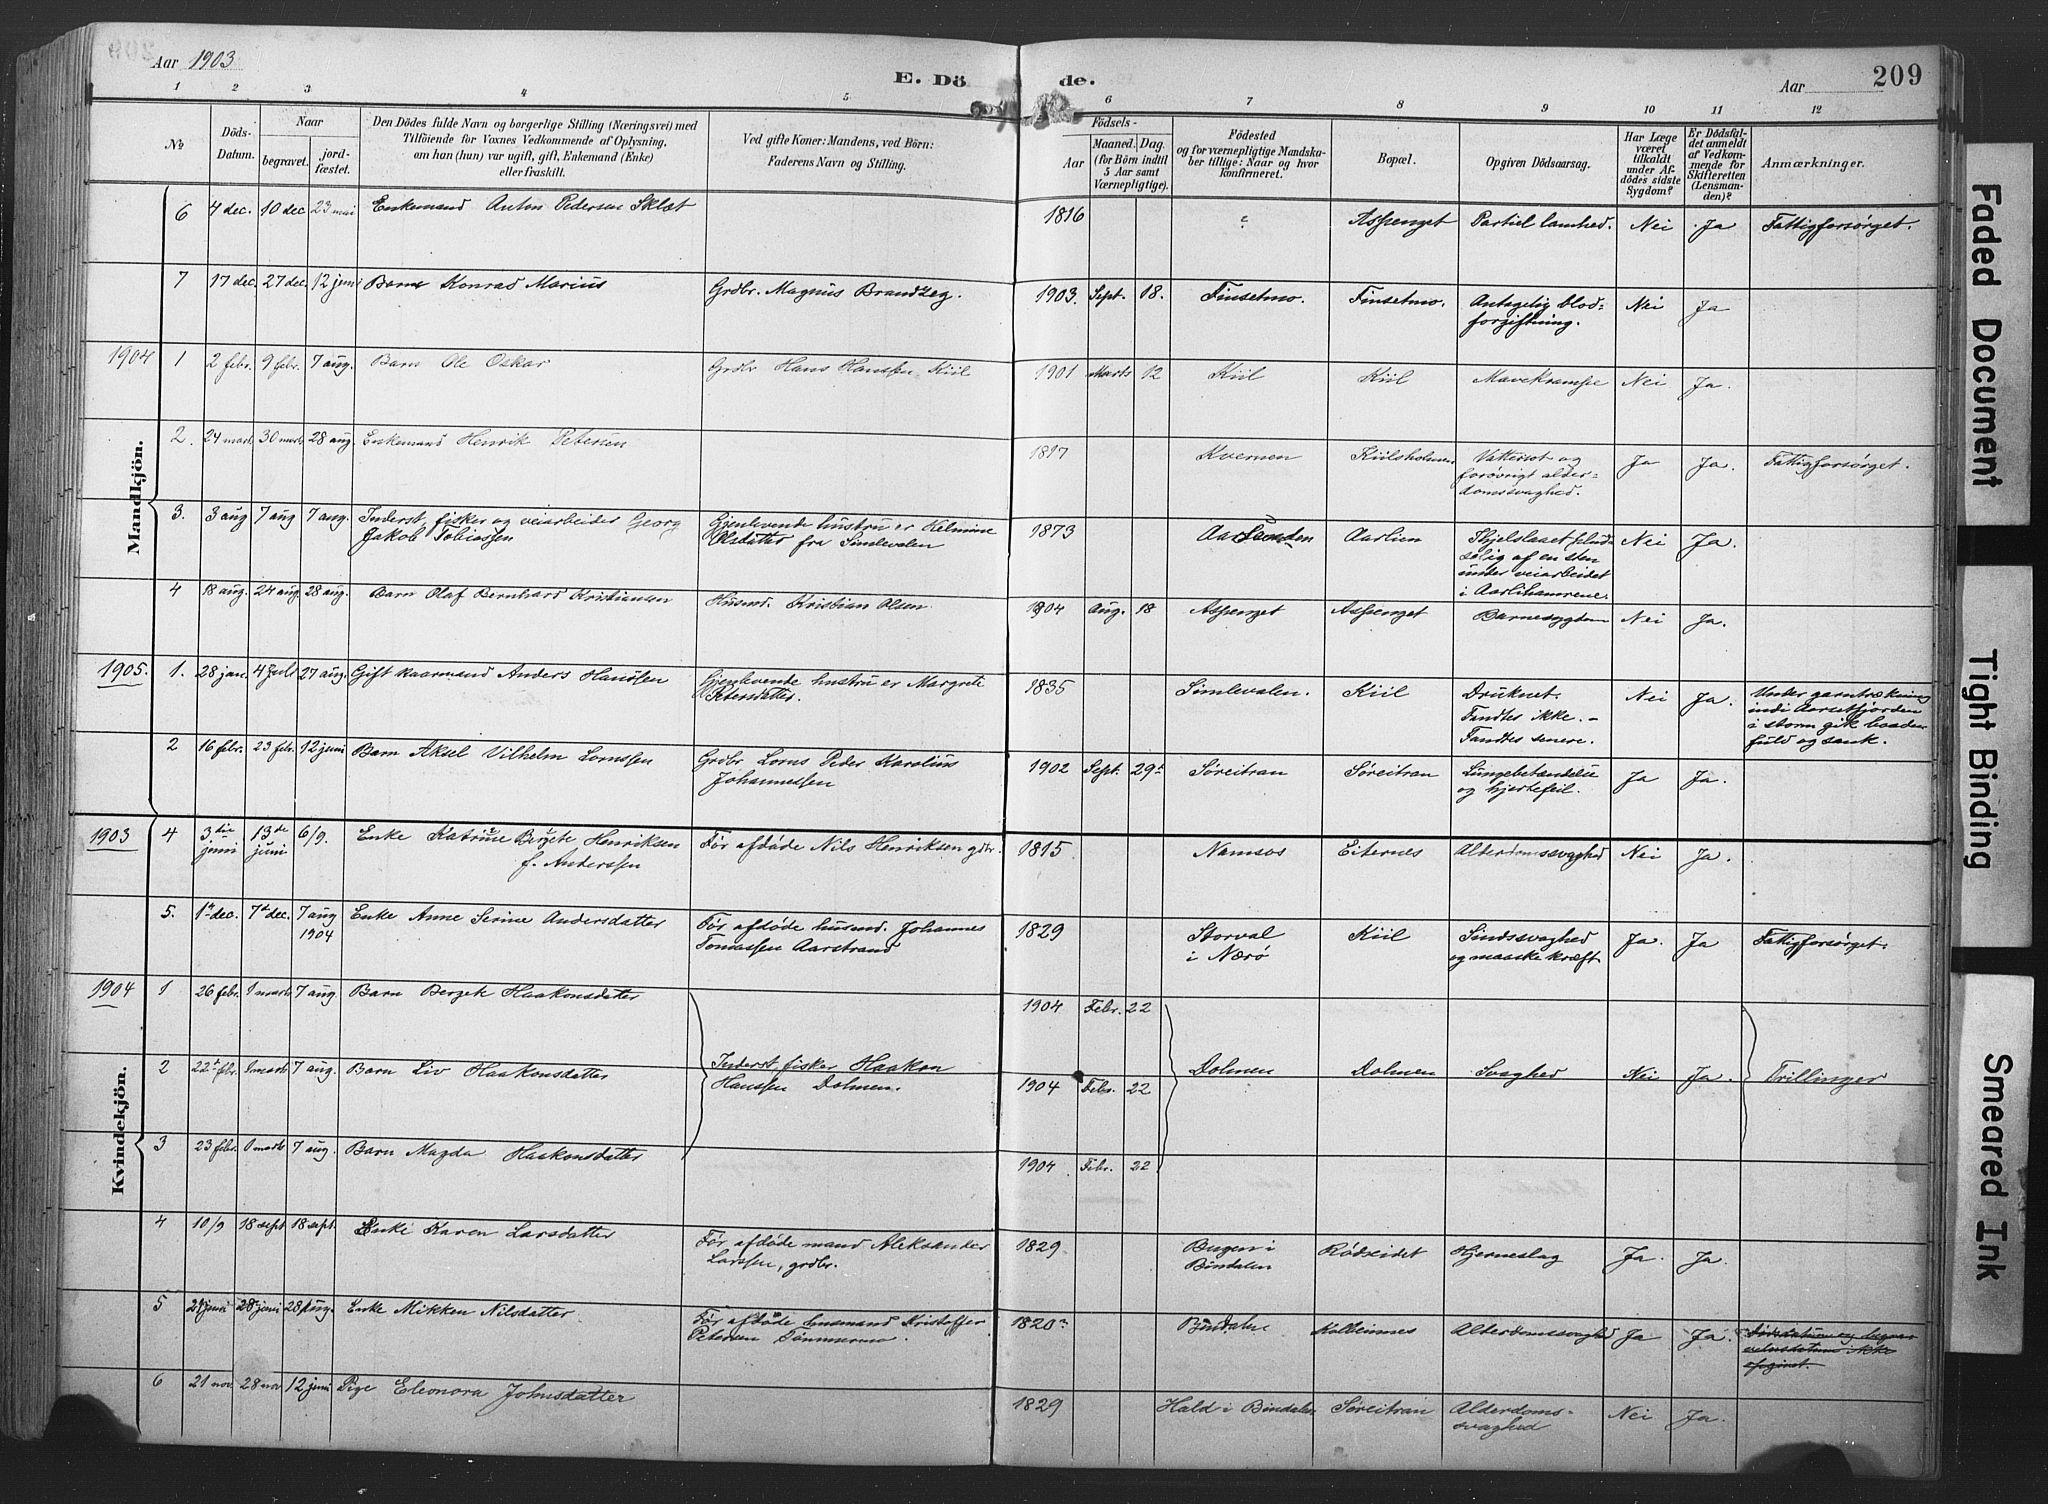 SAT, Ministerialprotokoller, klokkerbøker og fødselsregistre - Nord-Trøndelag, 789/L0706: Klokkerbok nr. 789C01, 1888-1931, s. 209